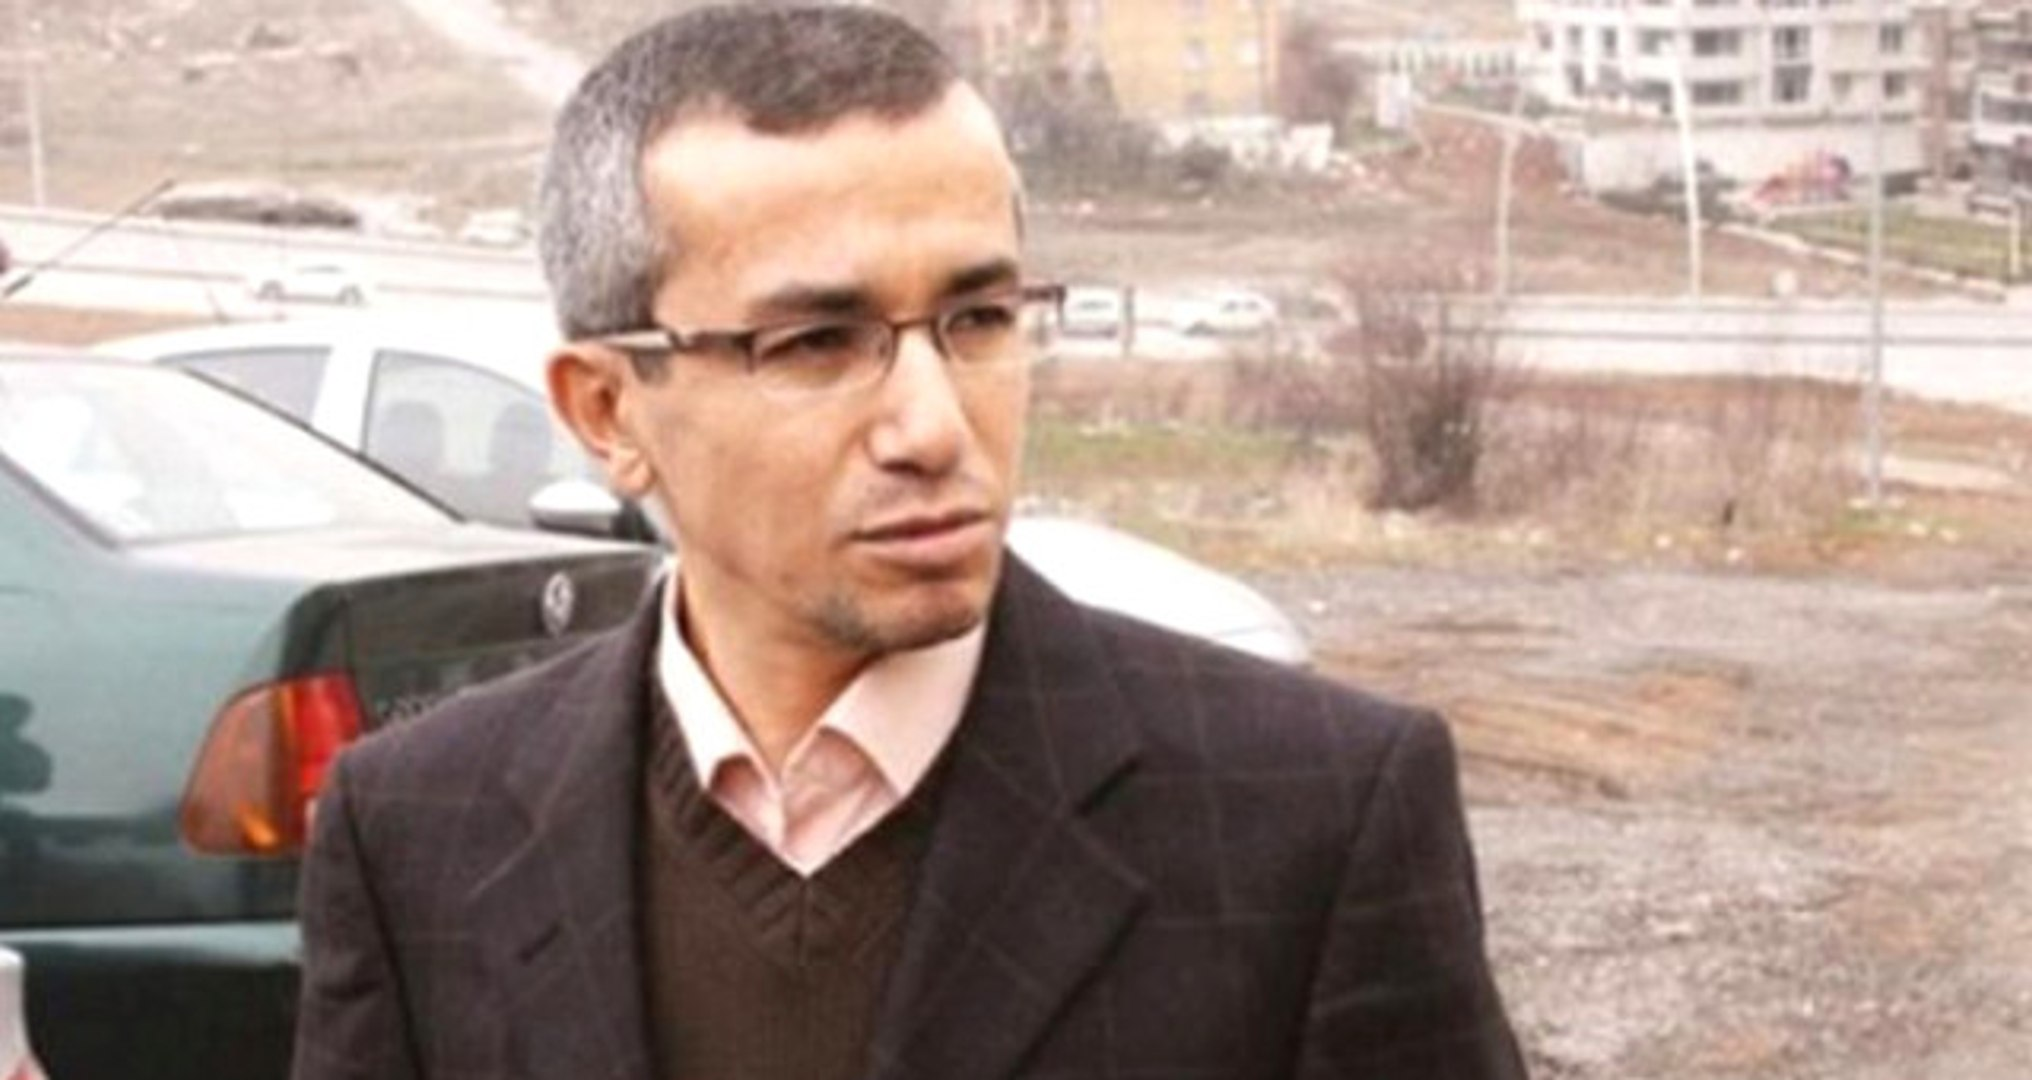 Son Dakika! Meslekten İhraç Edilen Eski Savcı Ferhat Sarıkaya Gözaltına Alındı